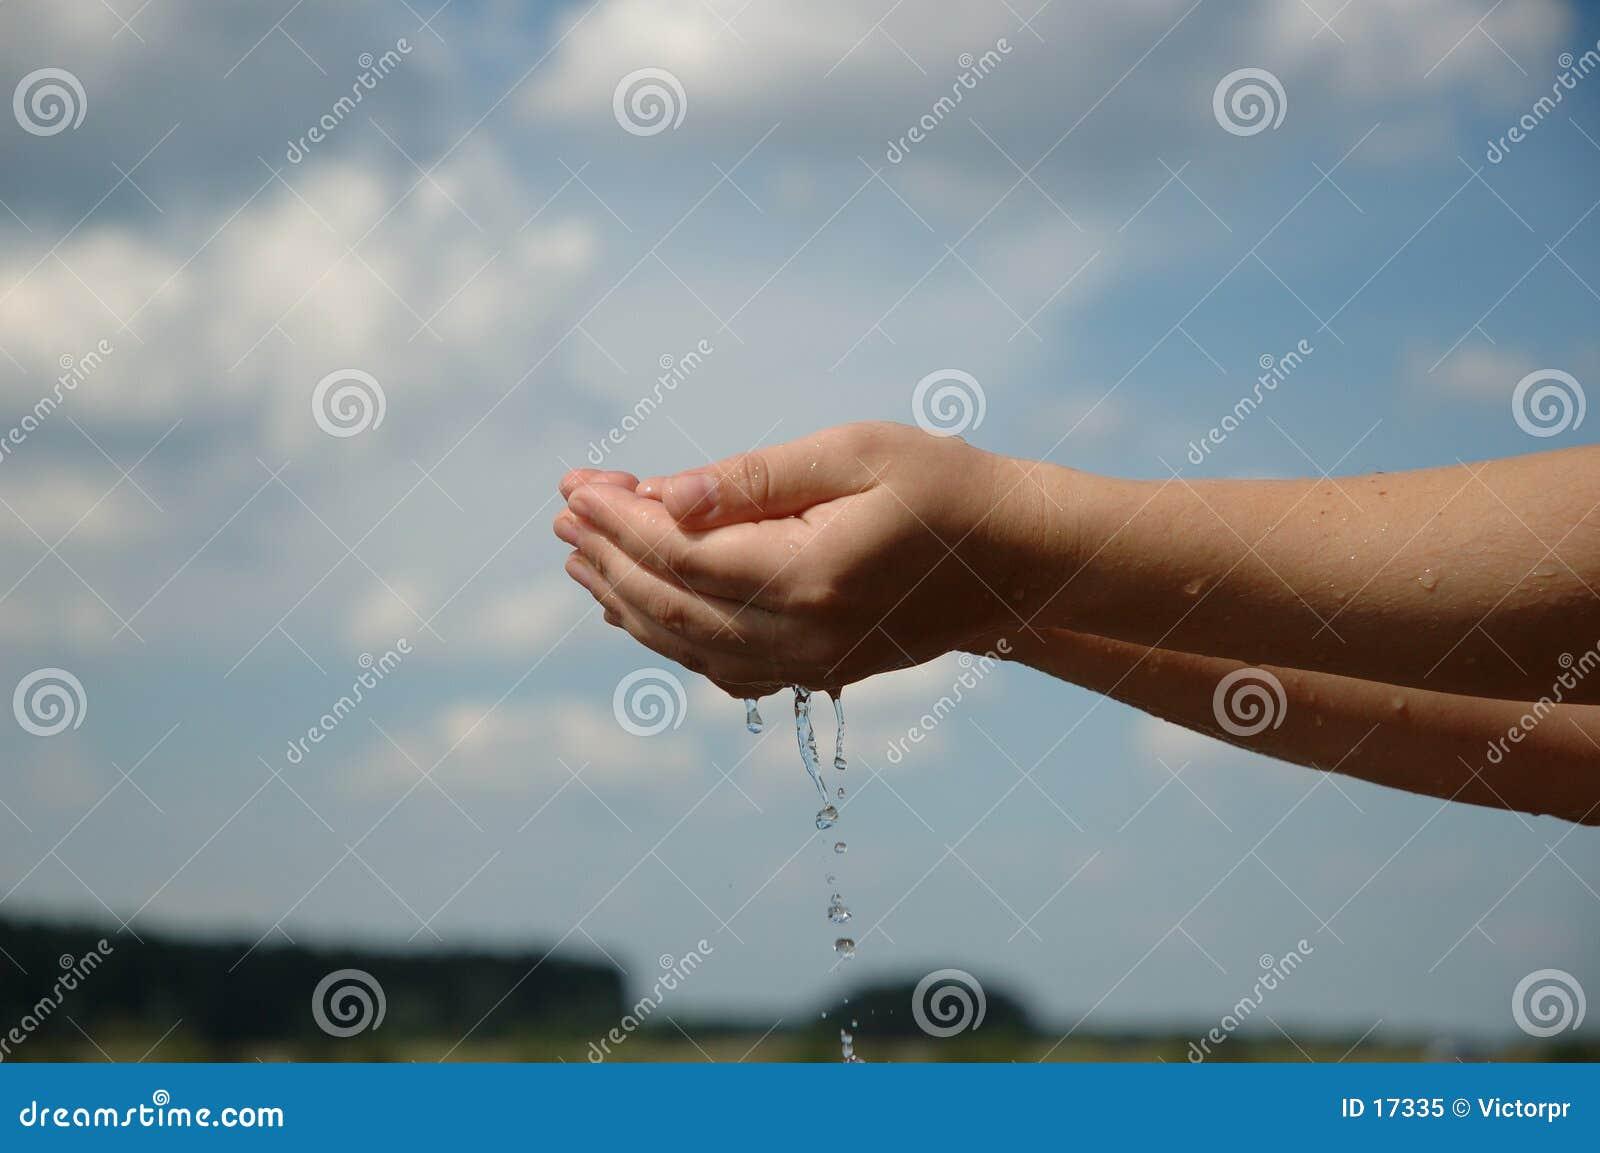 Hände in Wasser 3